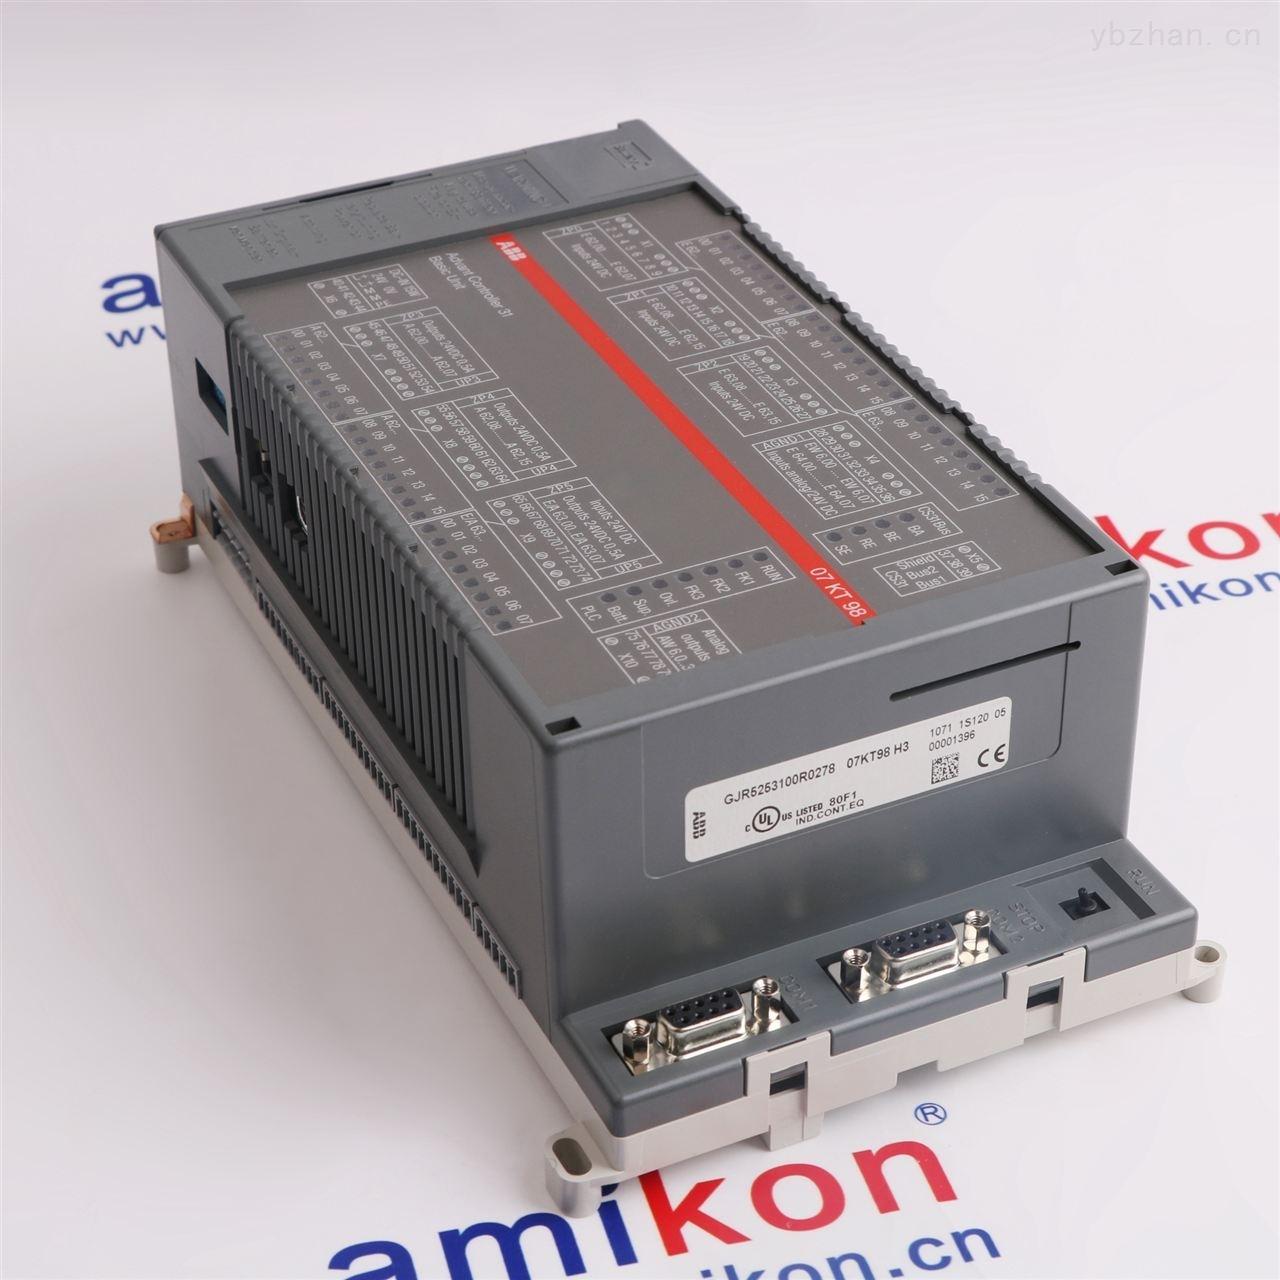 ABSP-151140